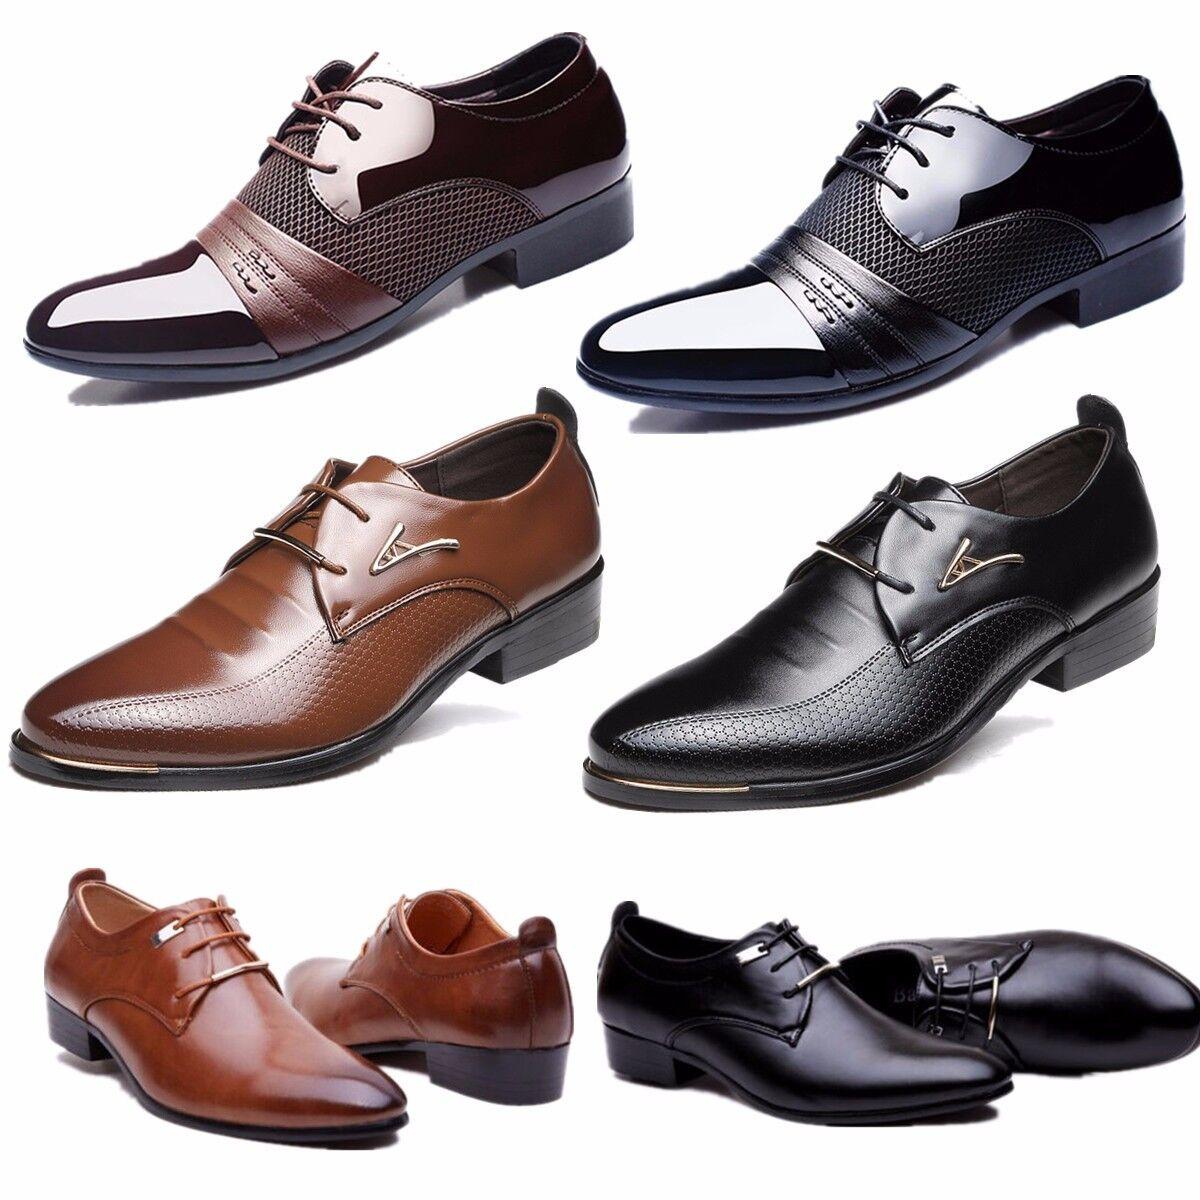 Hombre Vestir Zapatillas Cuero Zapatos Zapatillas Vestir Castellano Mocasines Formal ad74f5